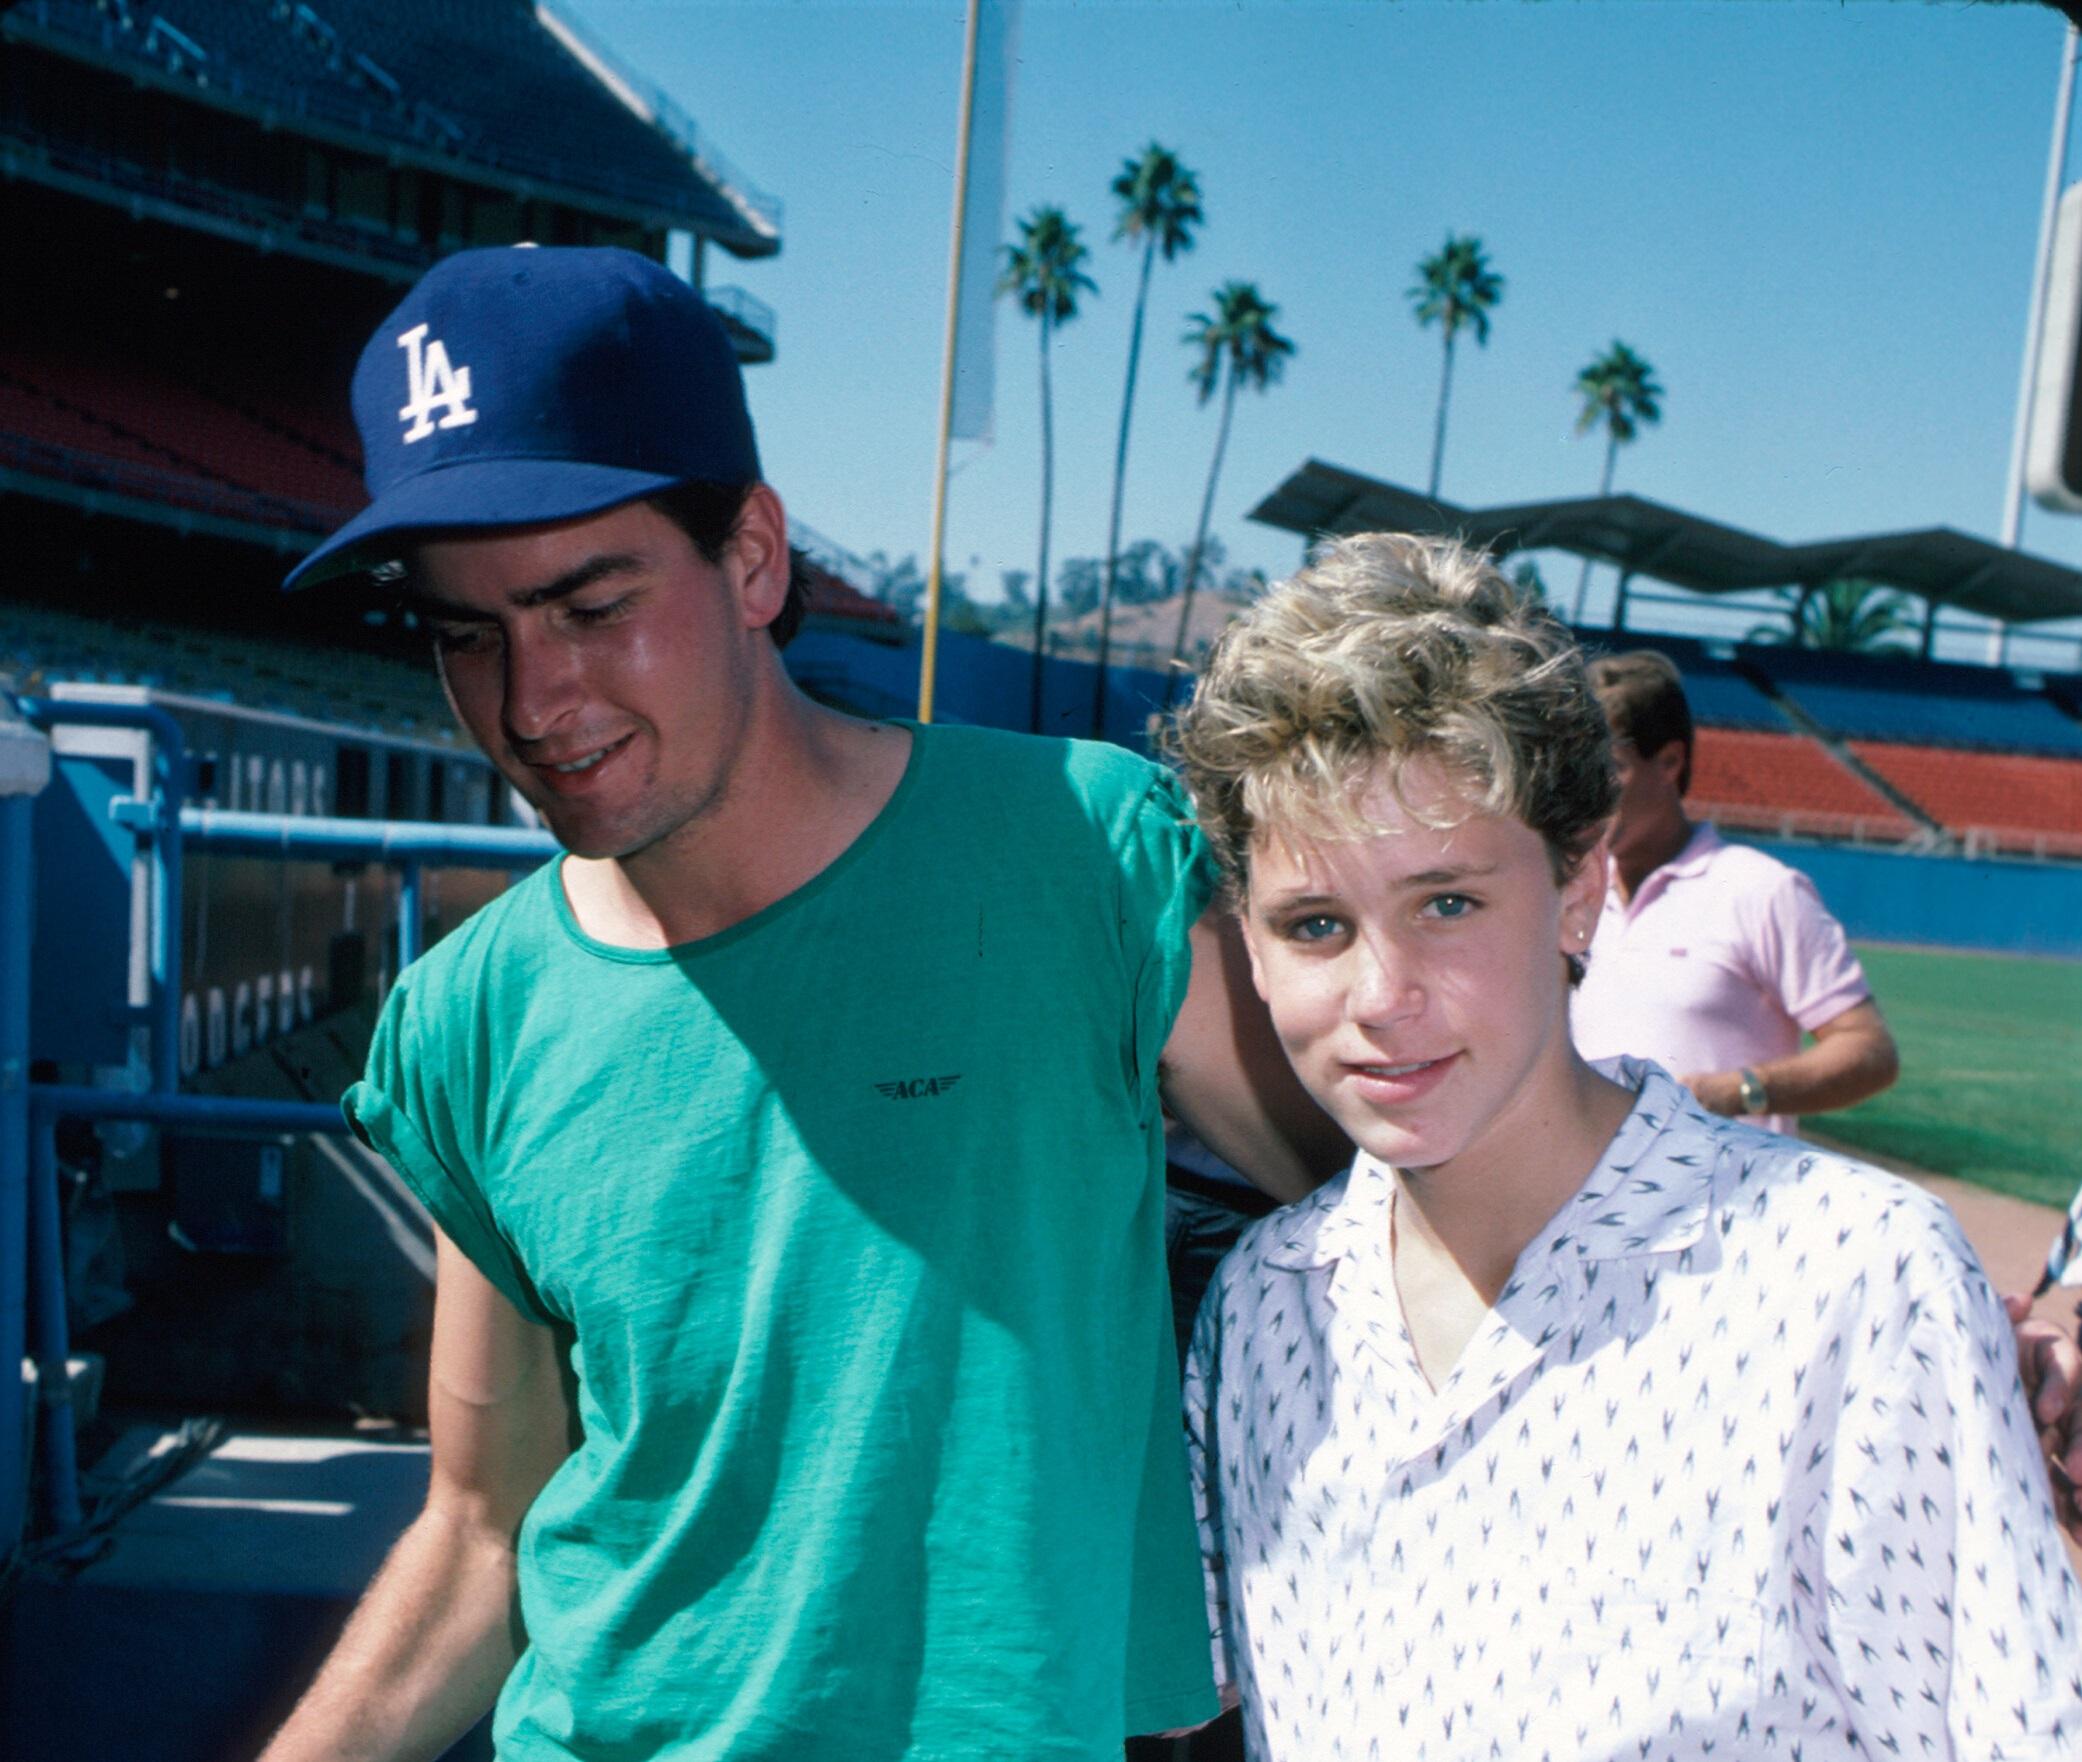 Charlie Sheen, acuzat că ar fi violat un copil-minune al Hollywoodului în urmă cu 30 de ani